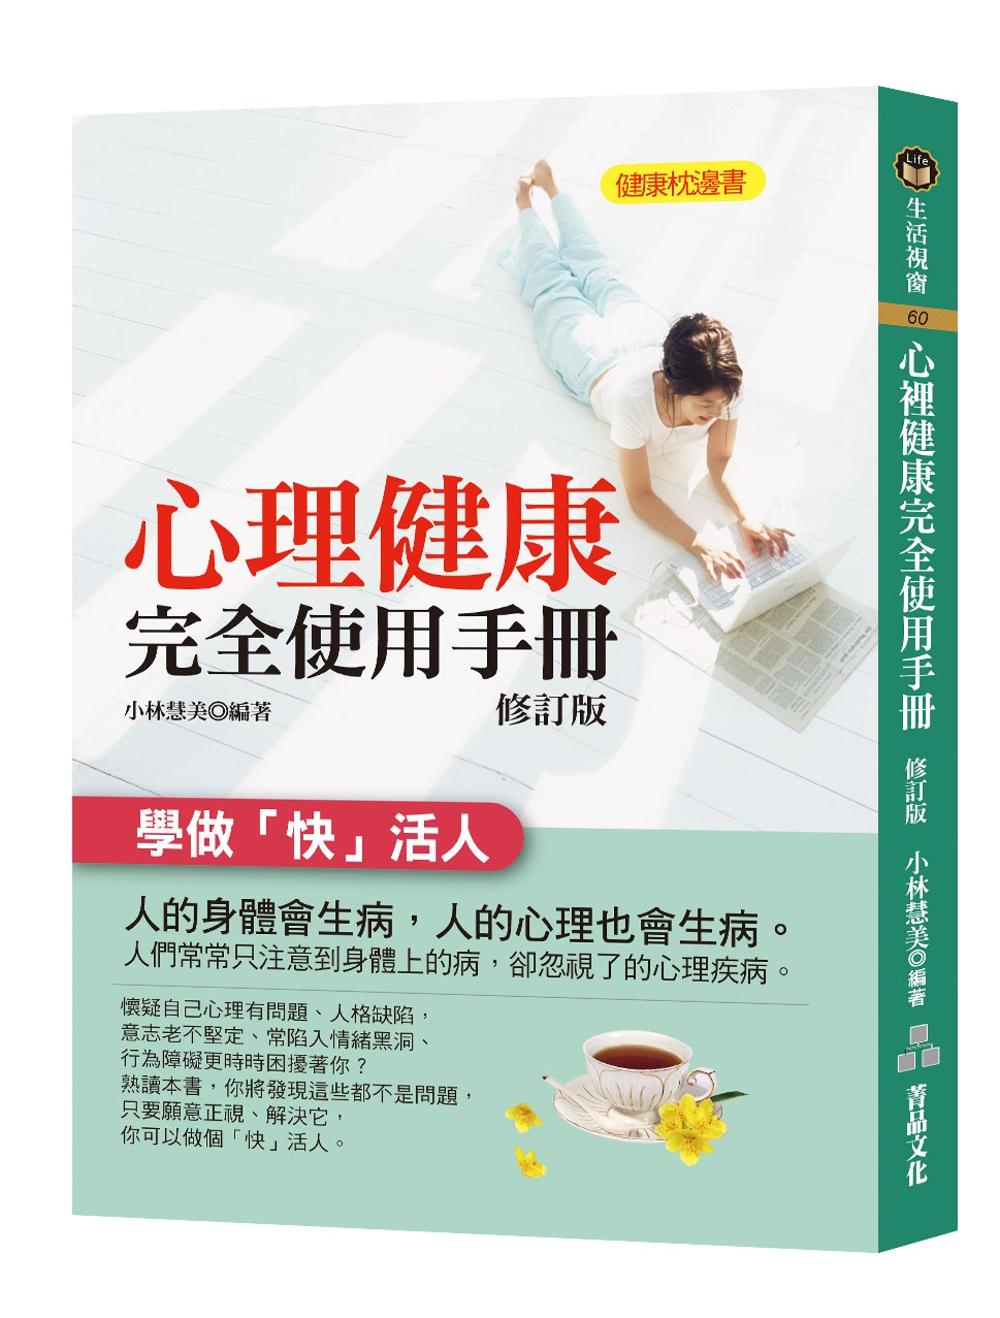 心理健康完全使用手冊 (修訂版)